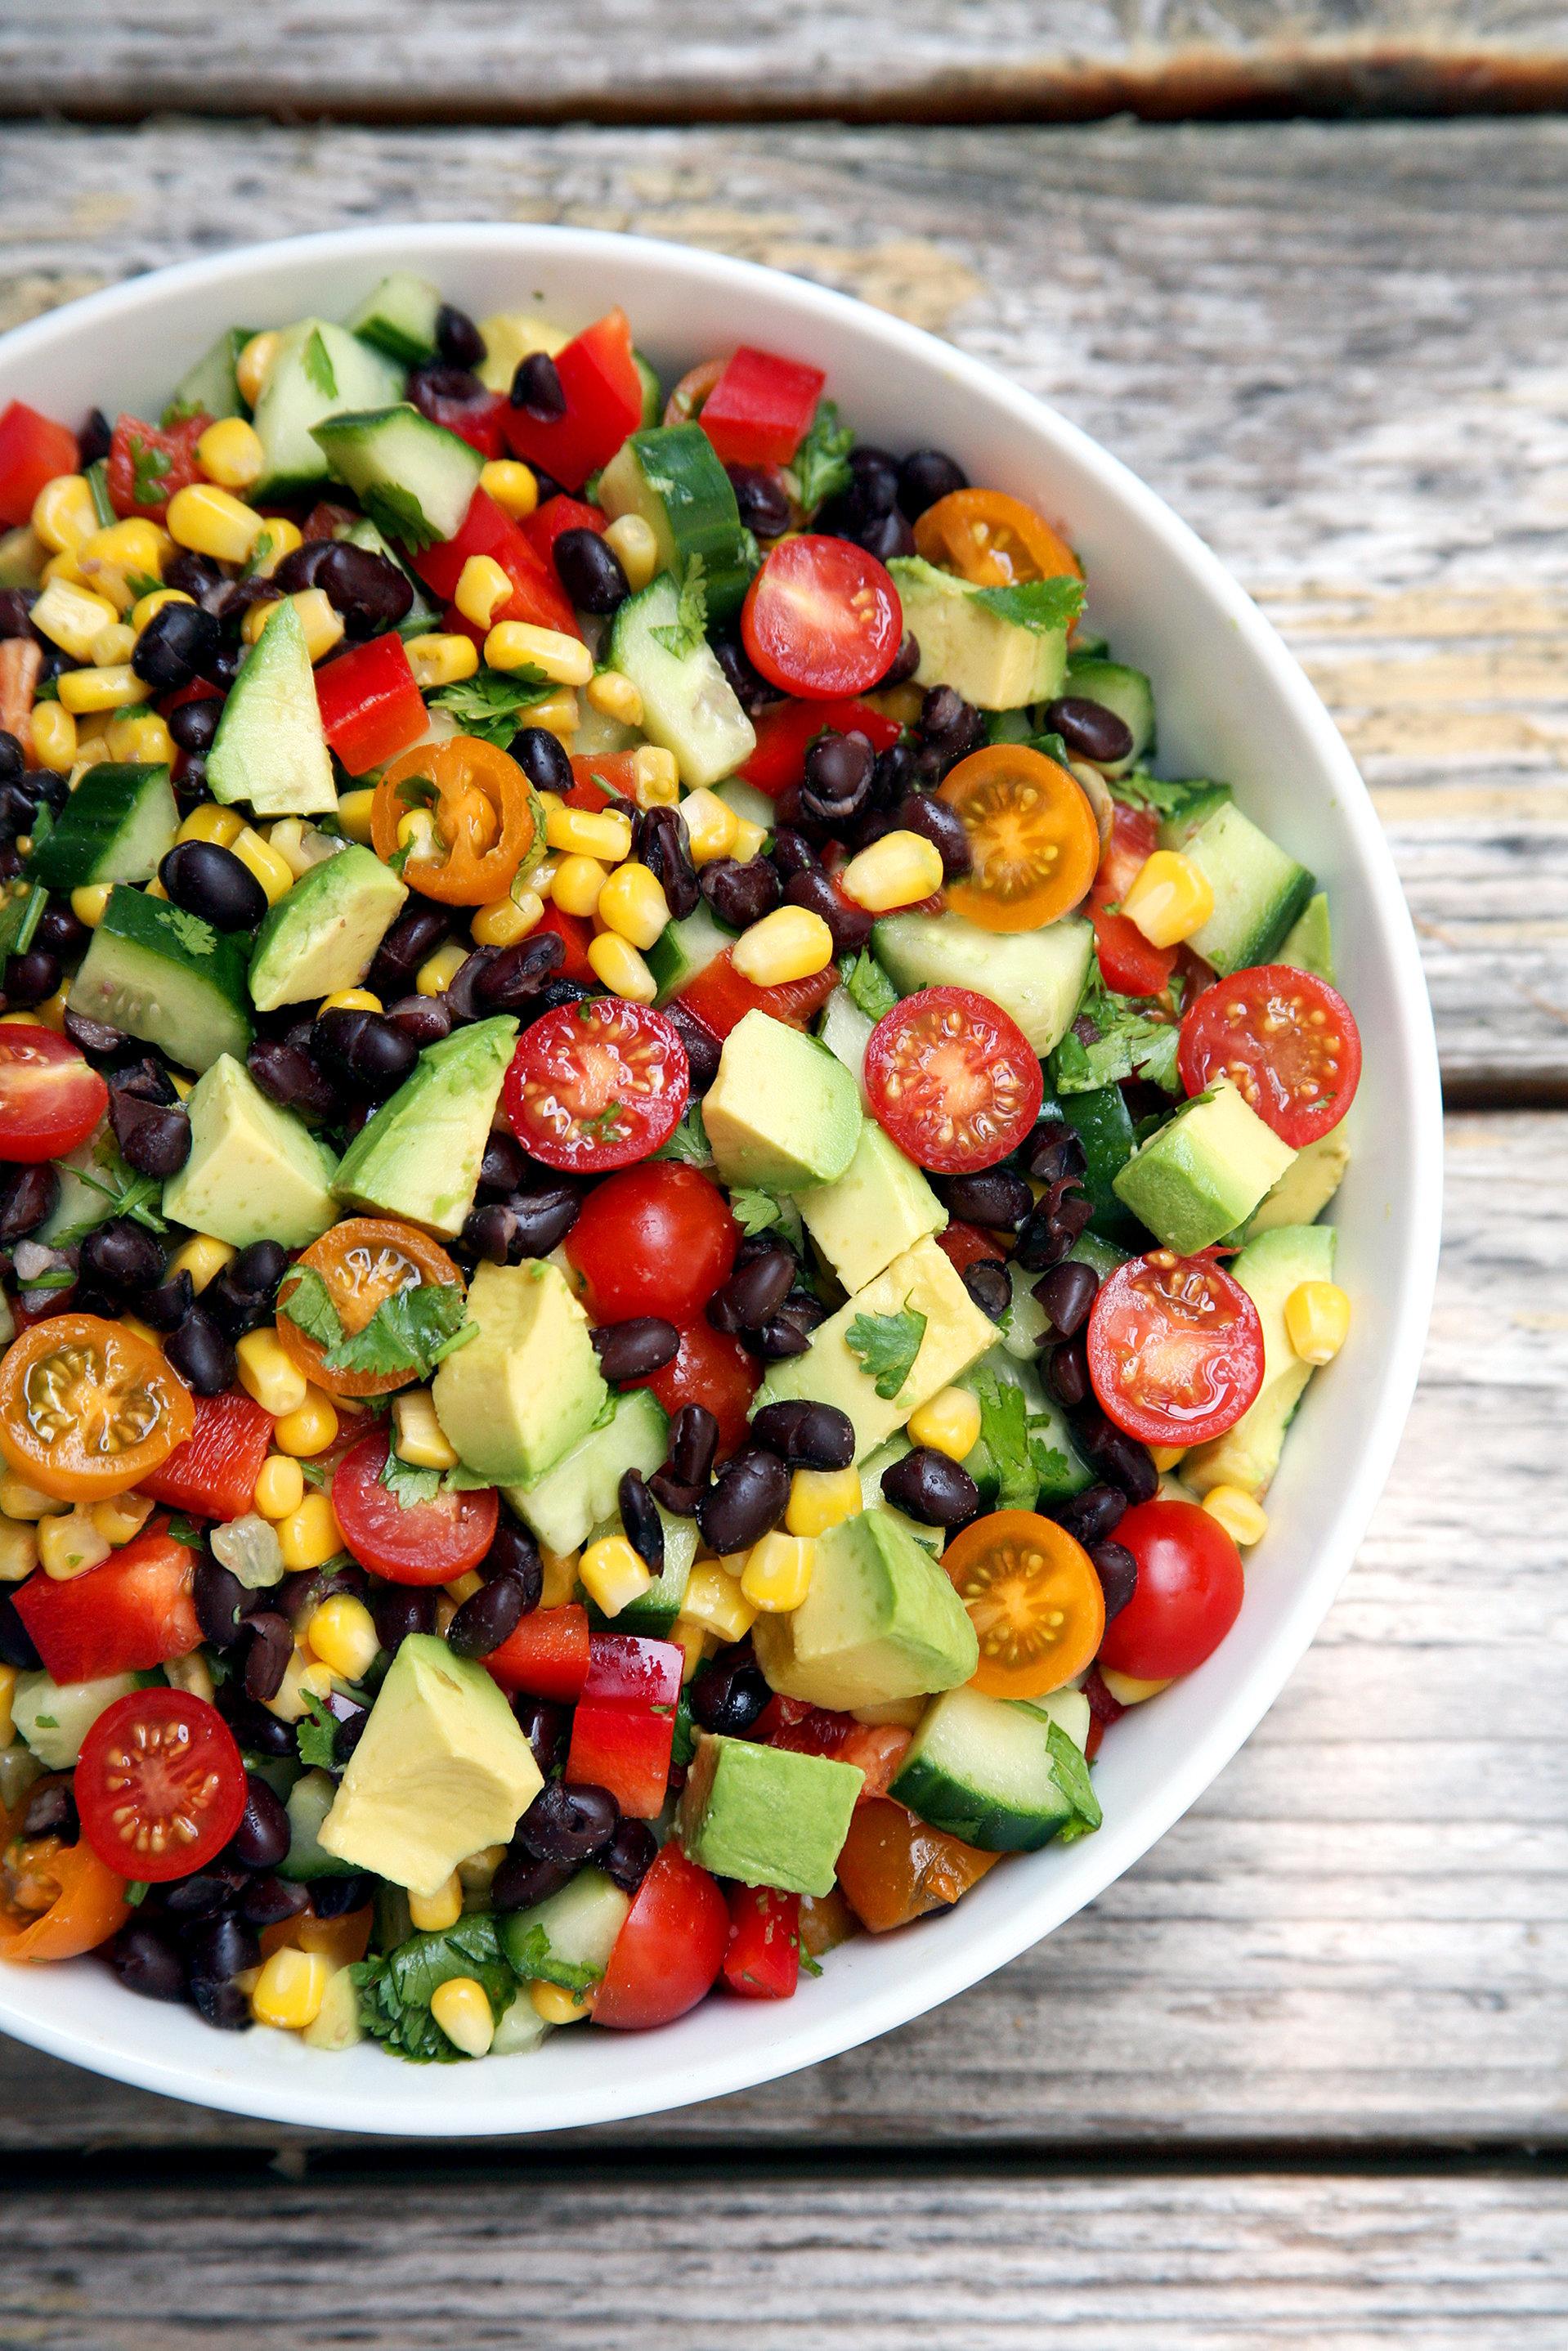 98f01fbd_cucumber-corn-black-bean-salad.xxxlarge_2x-1